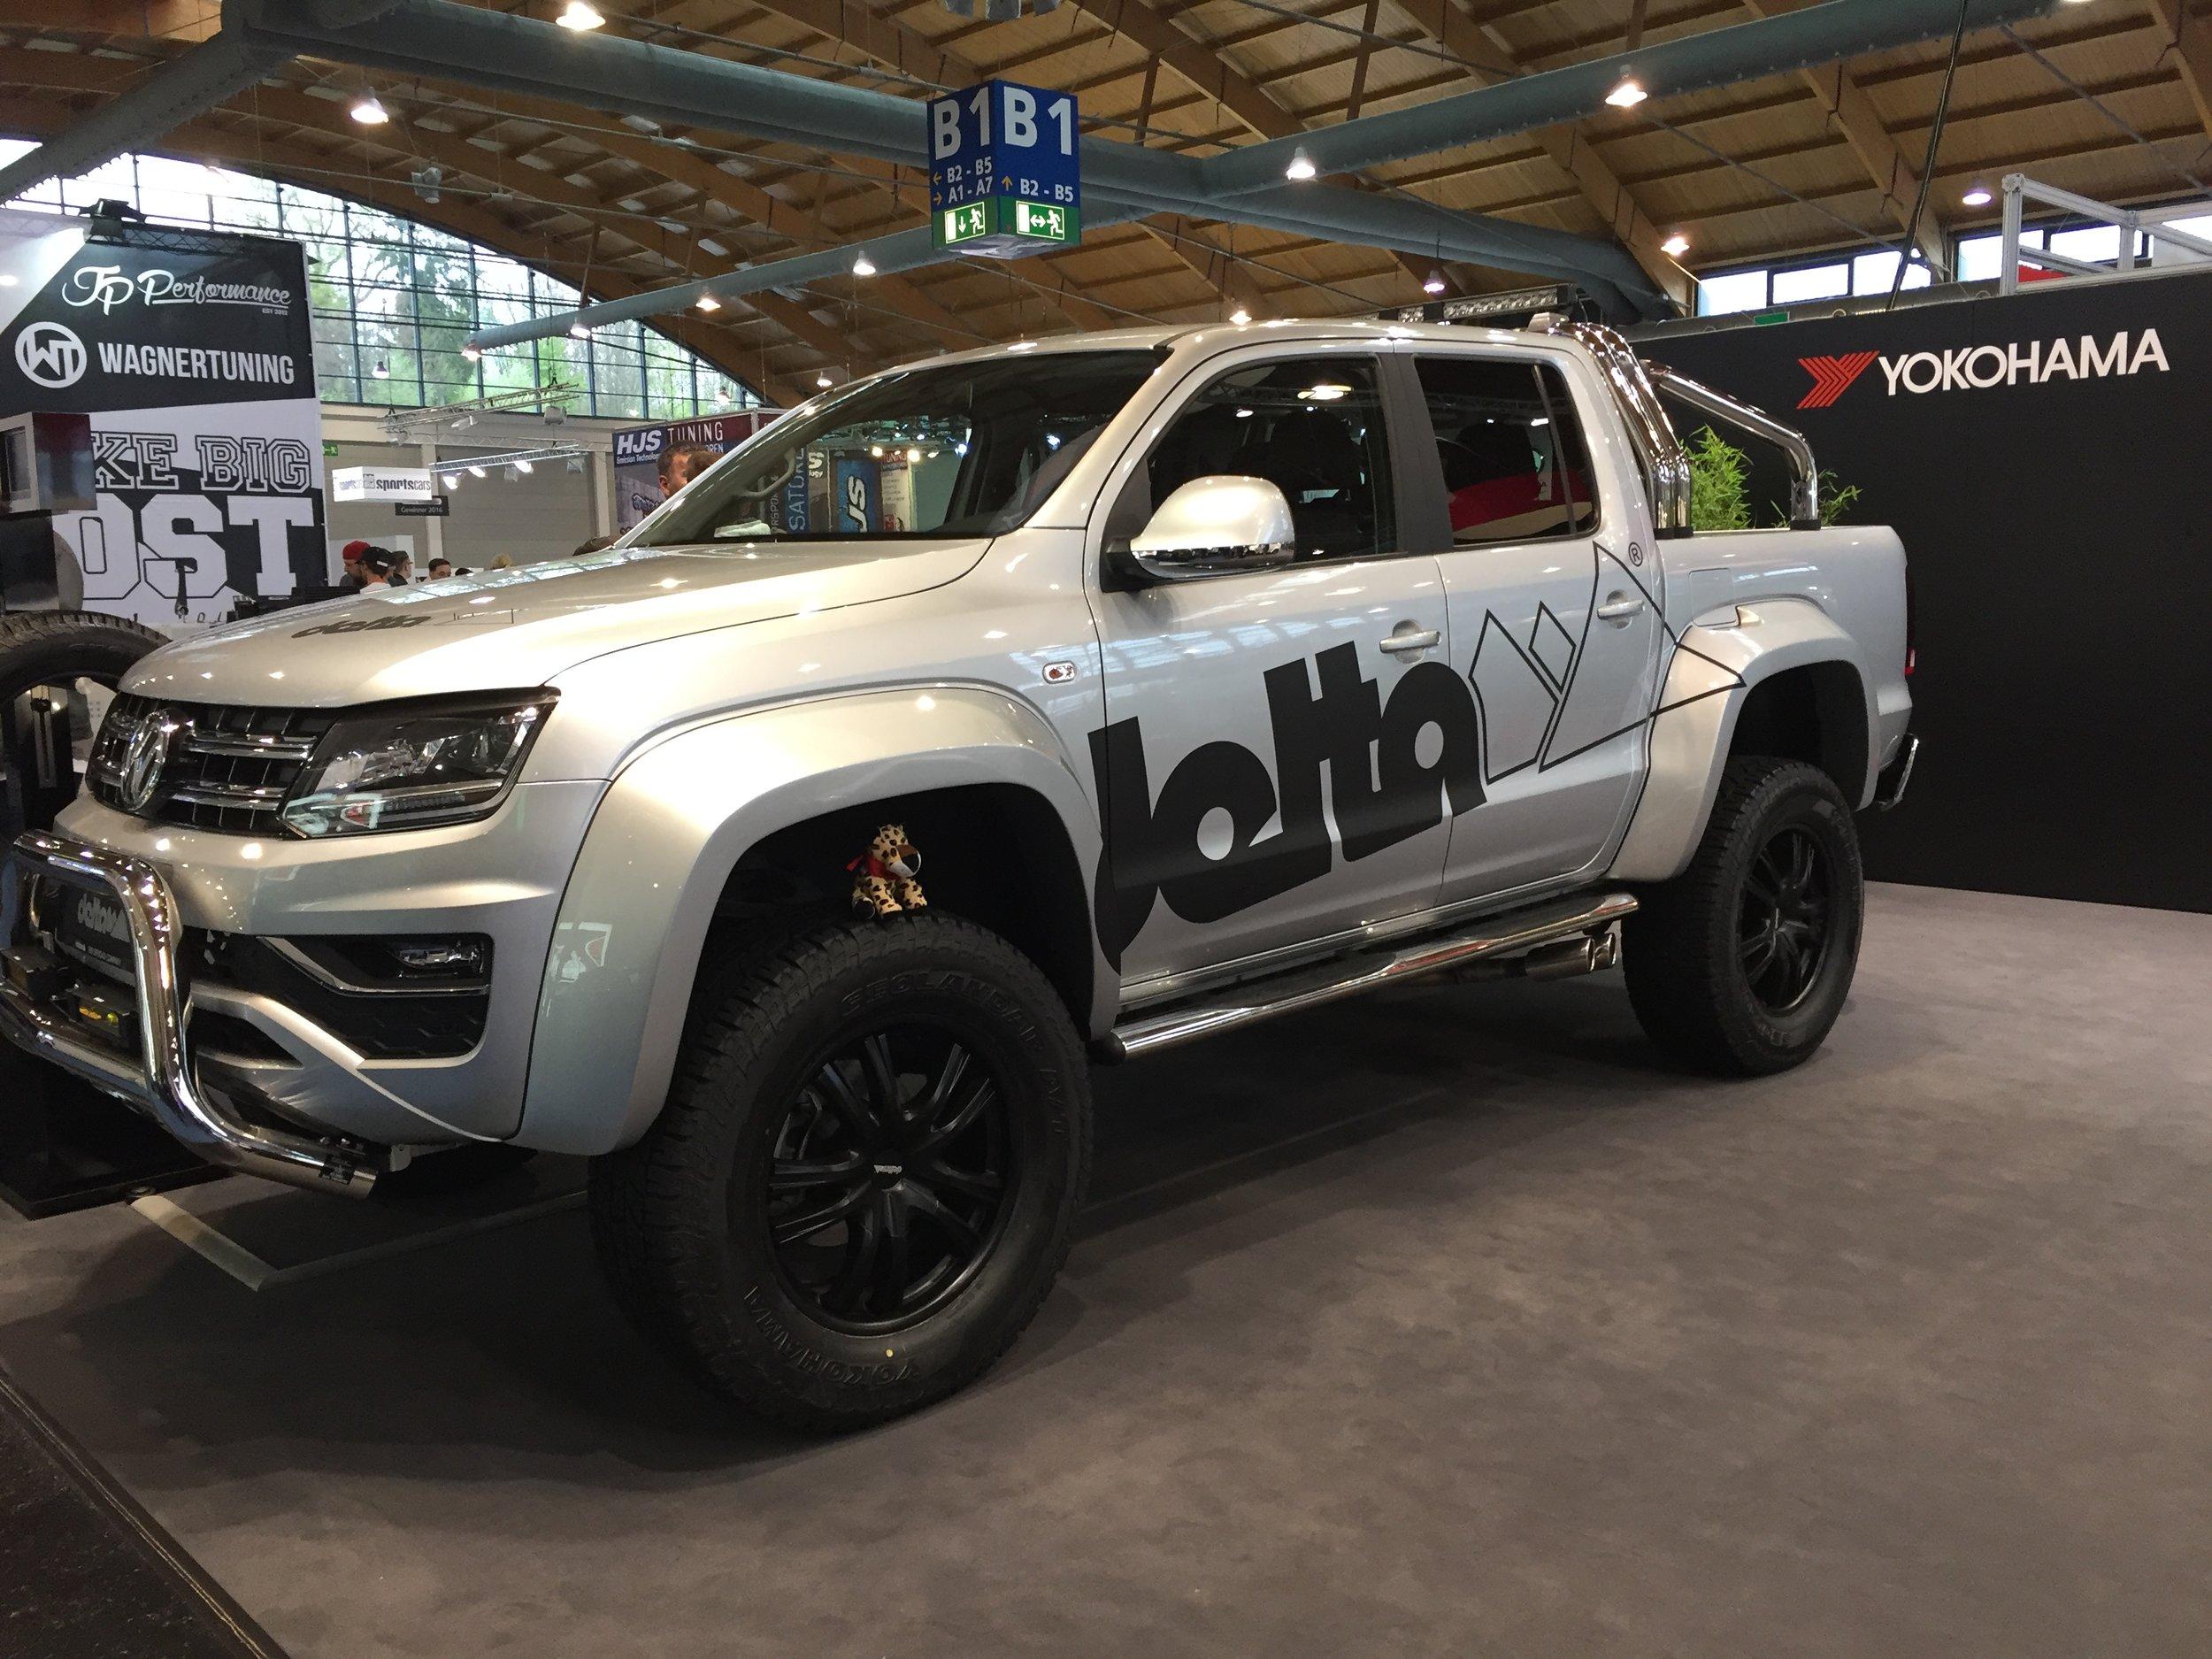 Delta4x4 VW Amarok